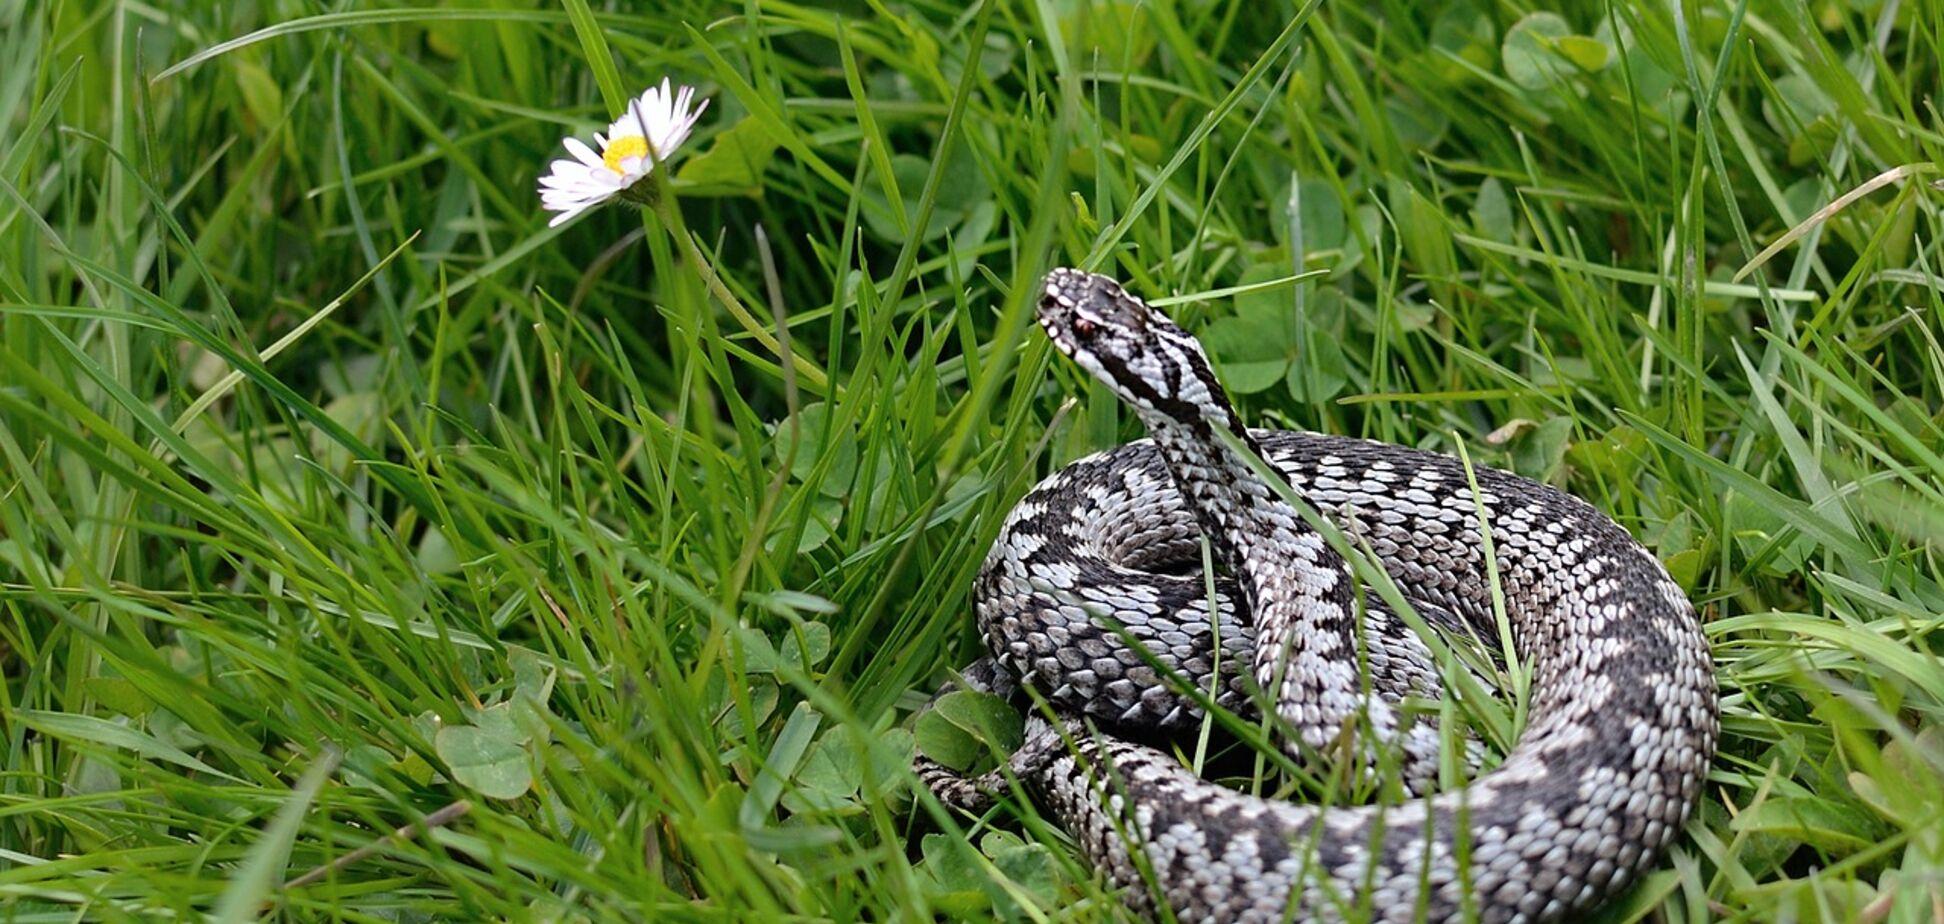 У Дніпрі побільшало гадюк: зоолог попередив про небезпеку